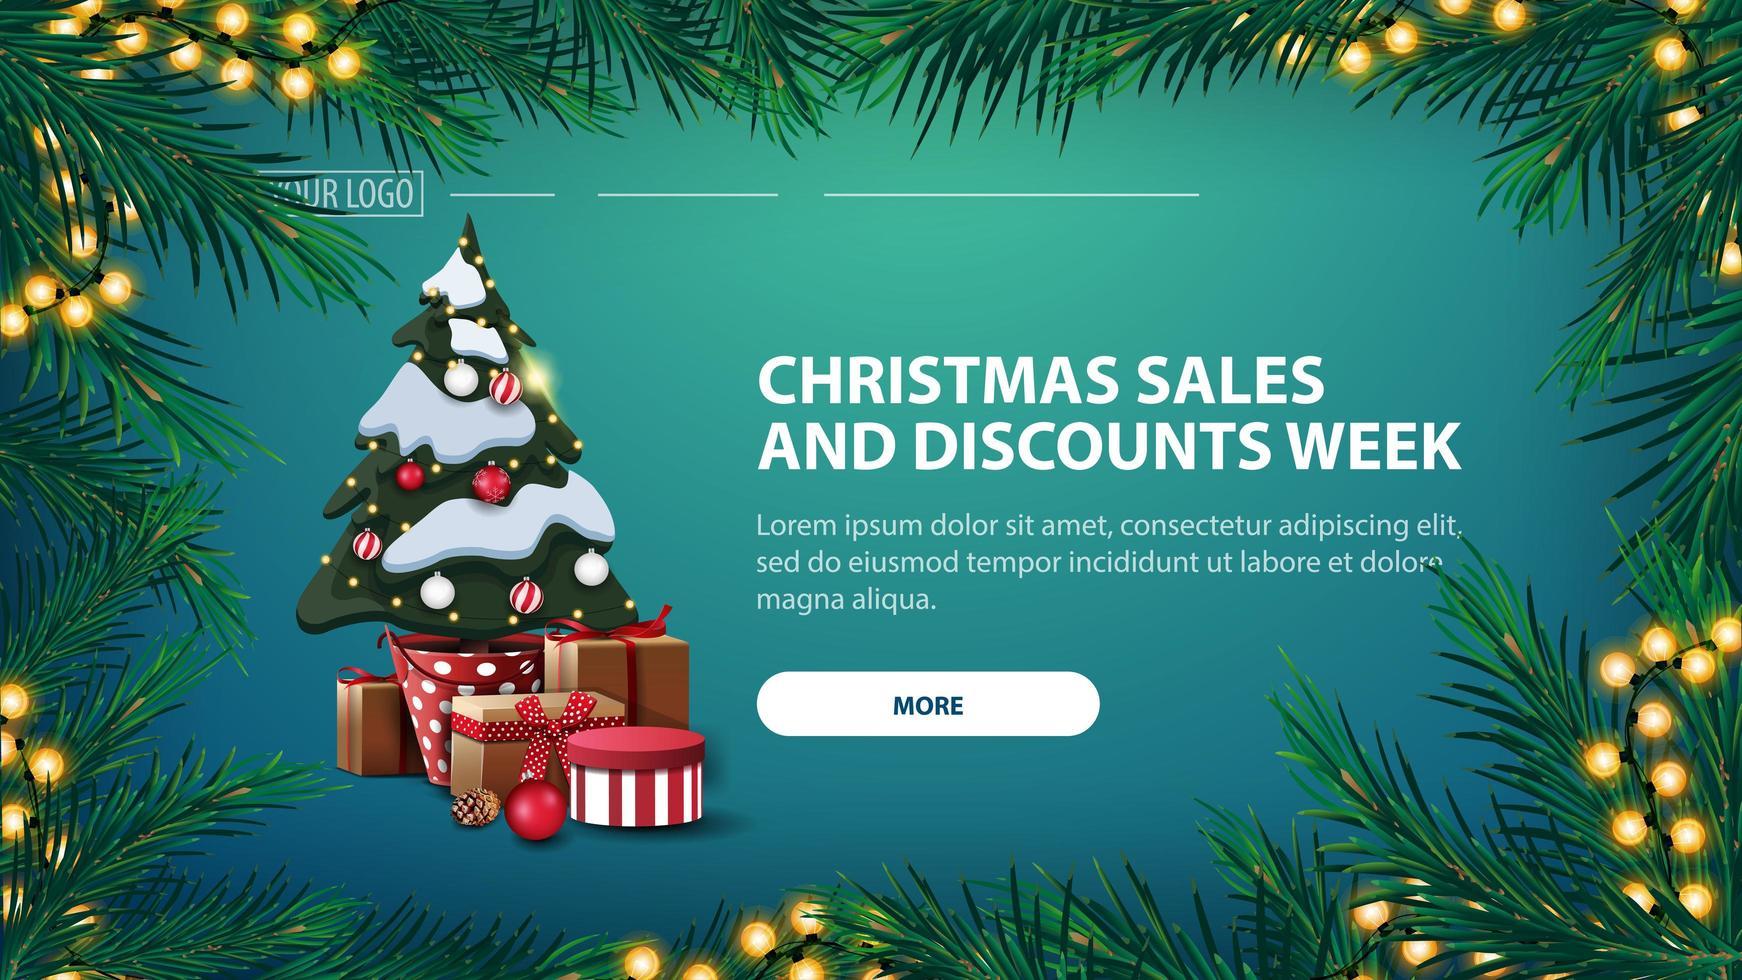 Semana de rebajas y descuentos navideños, estandarte verde con guirnalda de ramas de pino con guirnalda amarilla y árbol de navidad en una maceta con regalos vector